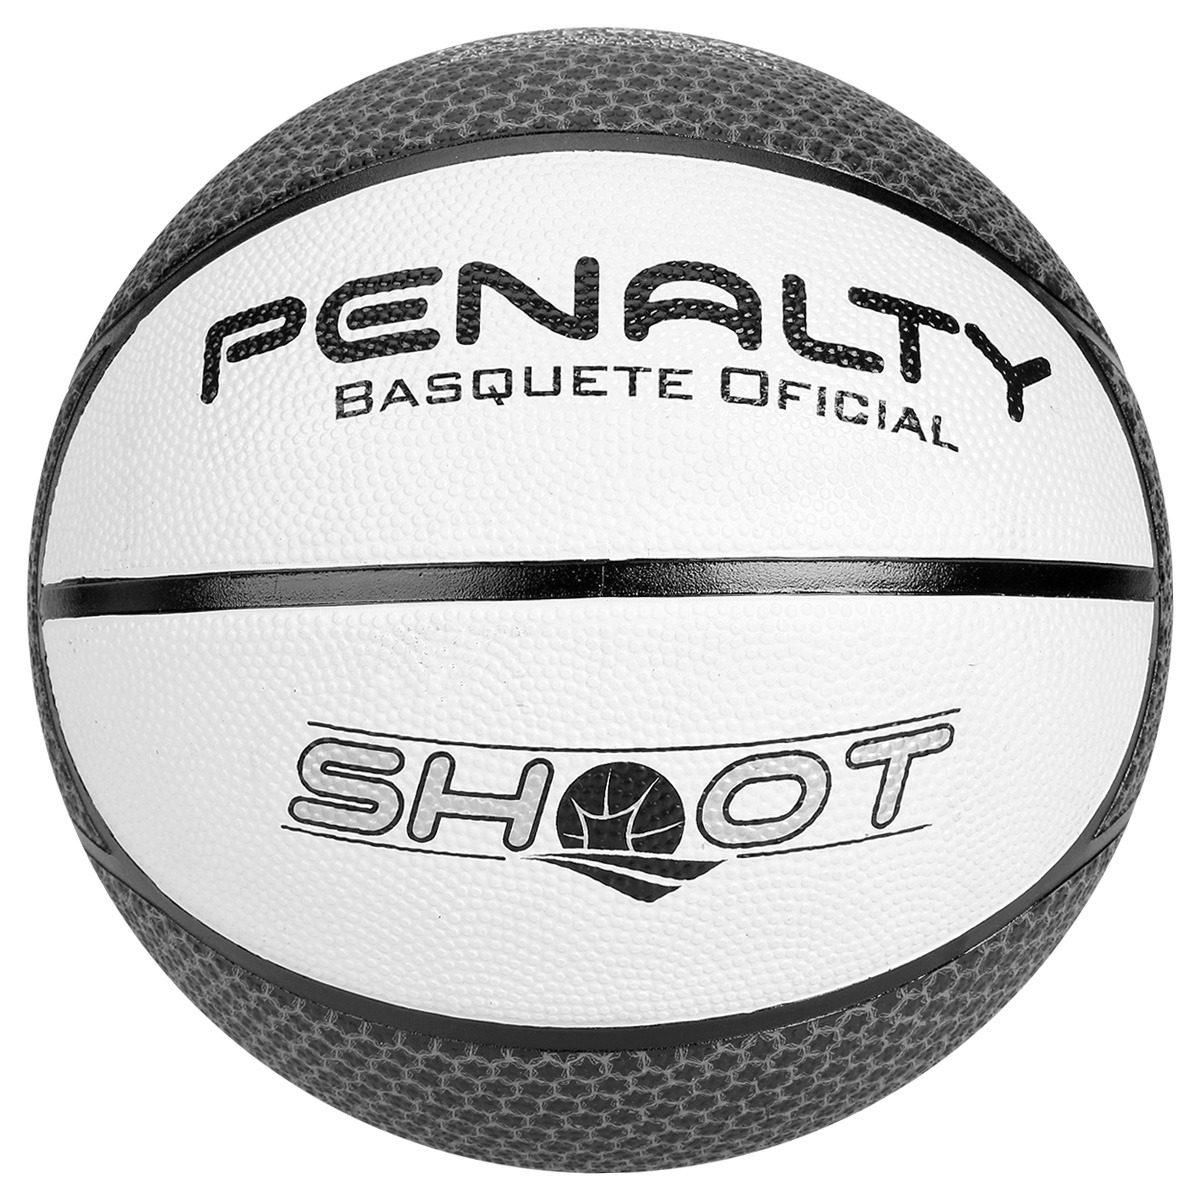 Barato Kit Bola Basquete Penalty Shoot Oficial + Bomba De Ar - R  89 ... 22a360c6623d6